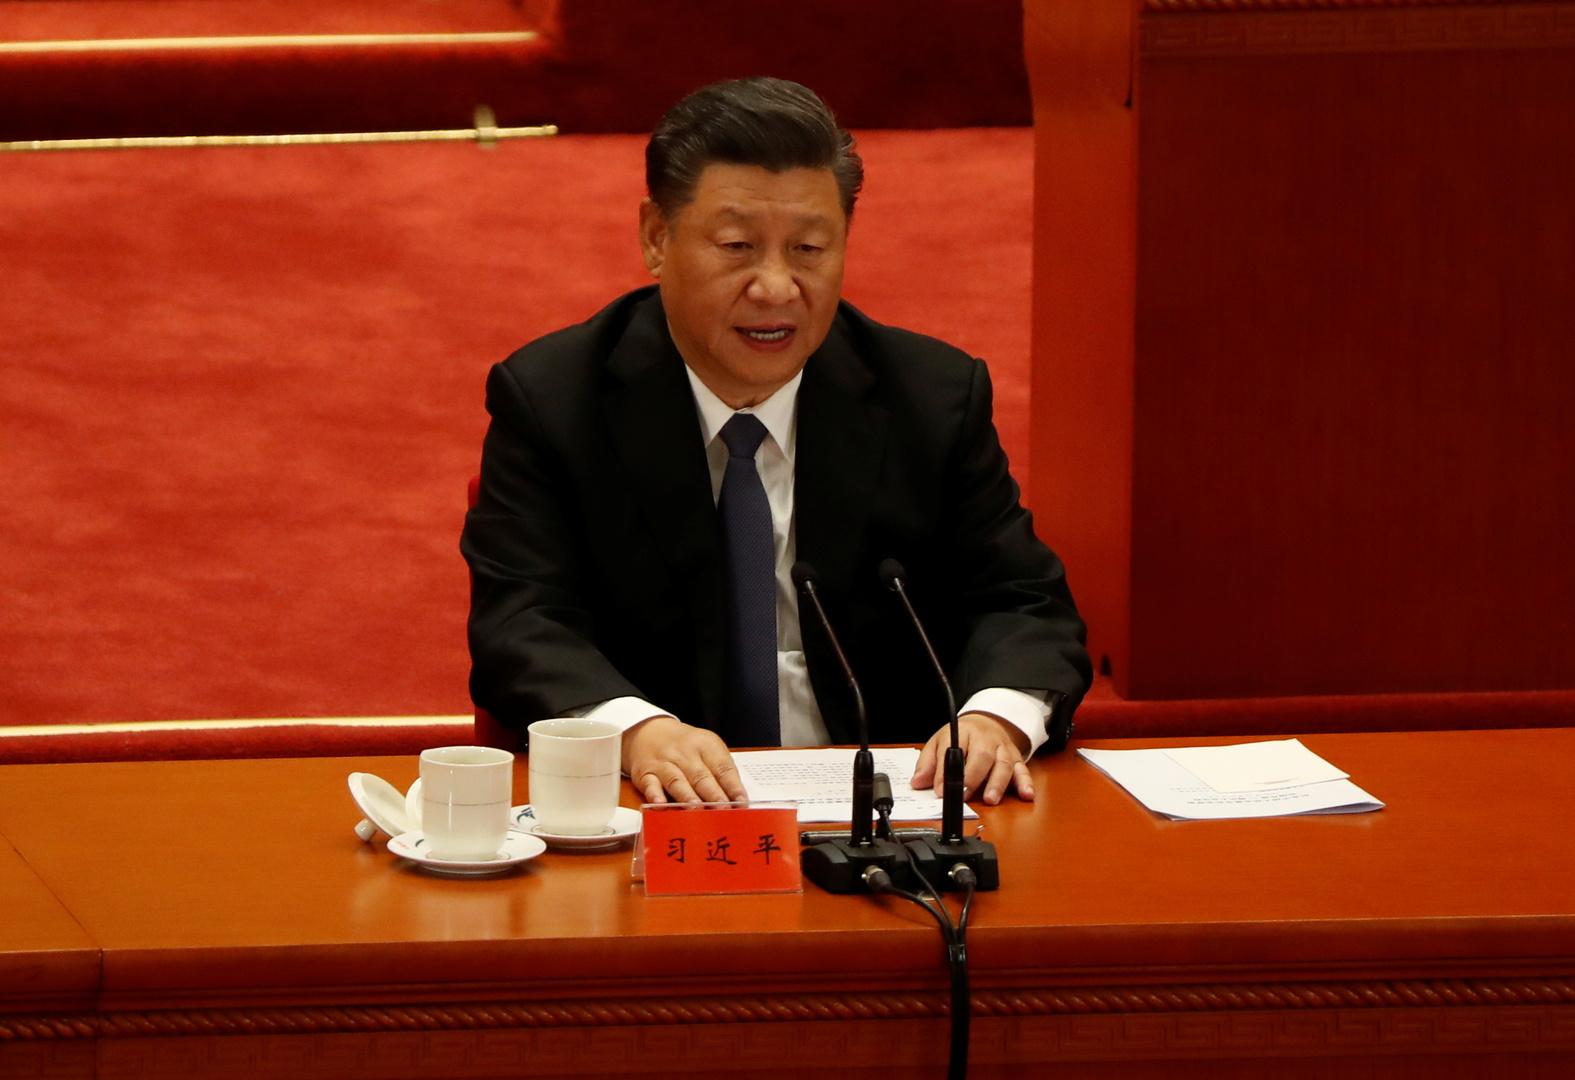 الرئيس الصيني يجري اتصالين هاتفيين مع نظيريه الإيراني والعراقي